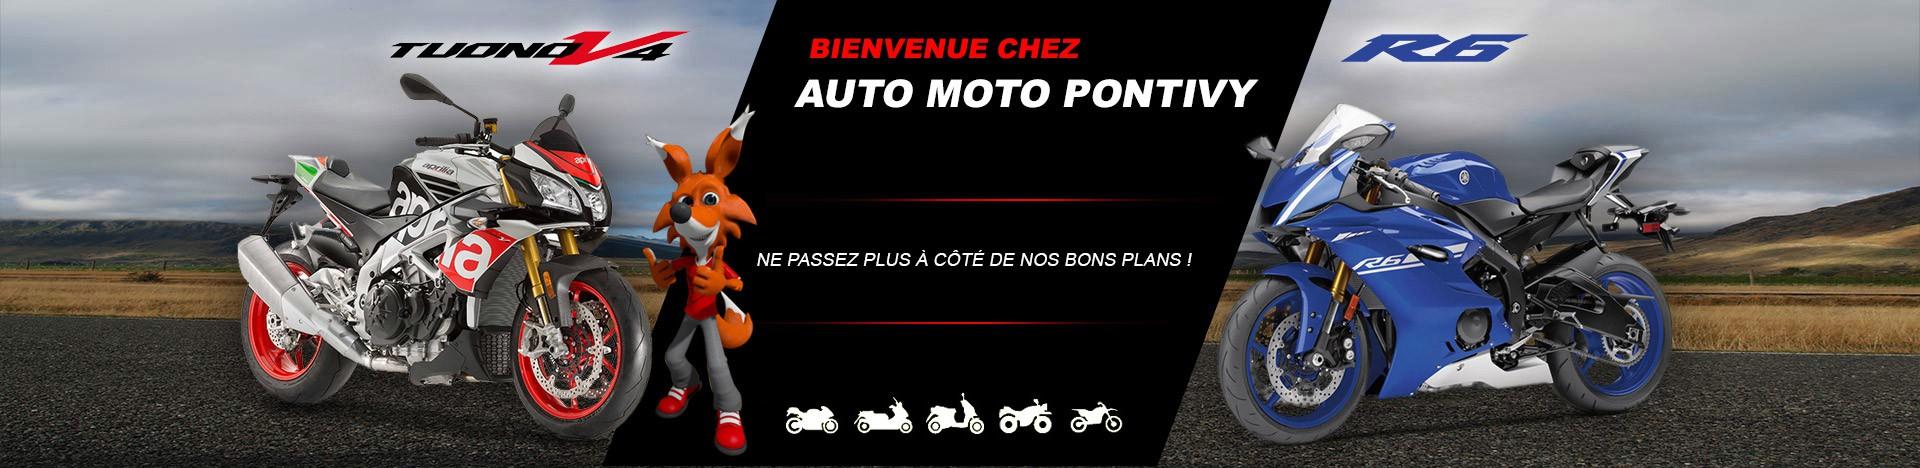 Bienvenu chez auto moto pontivy